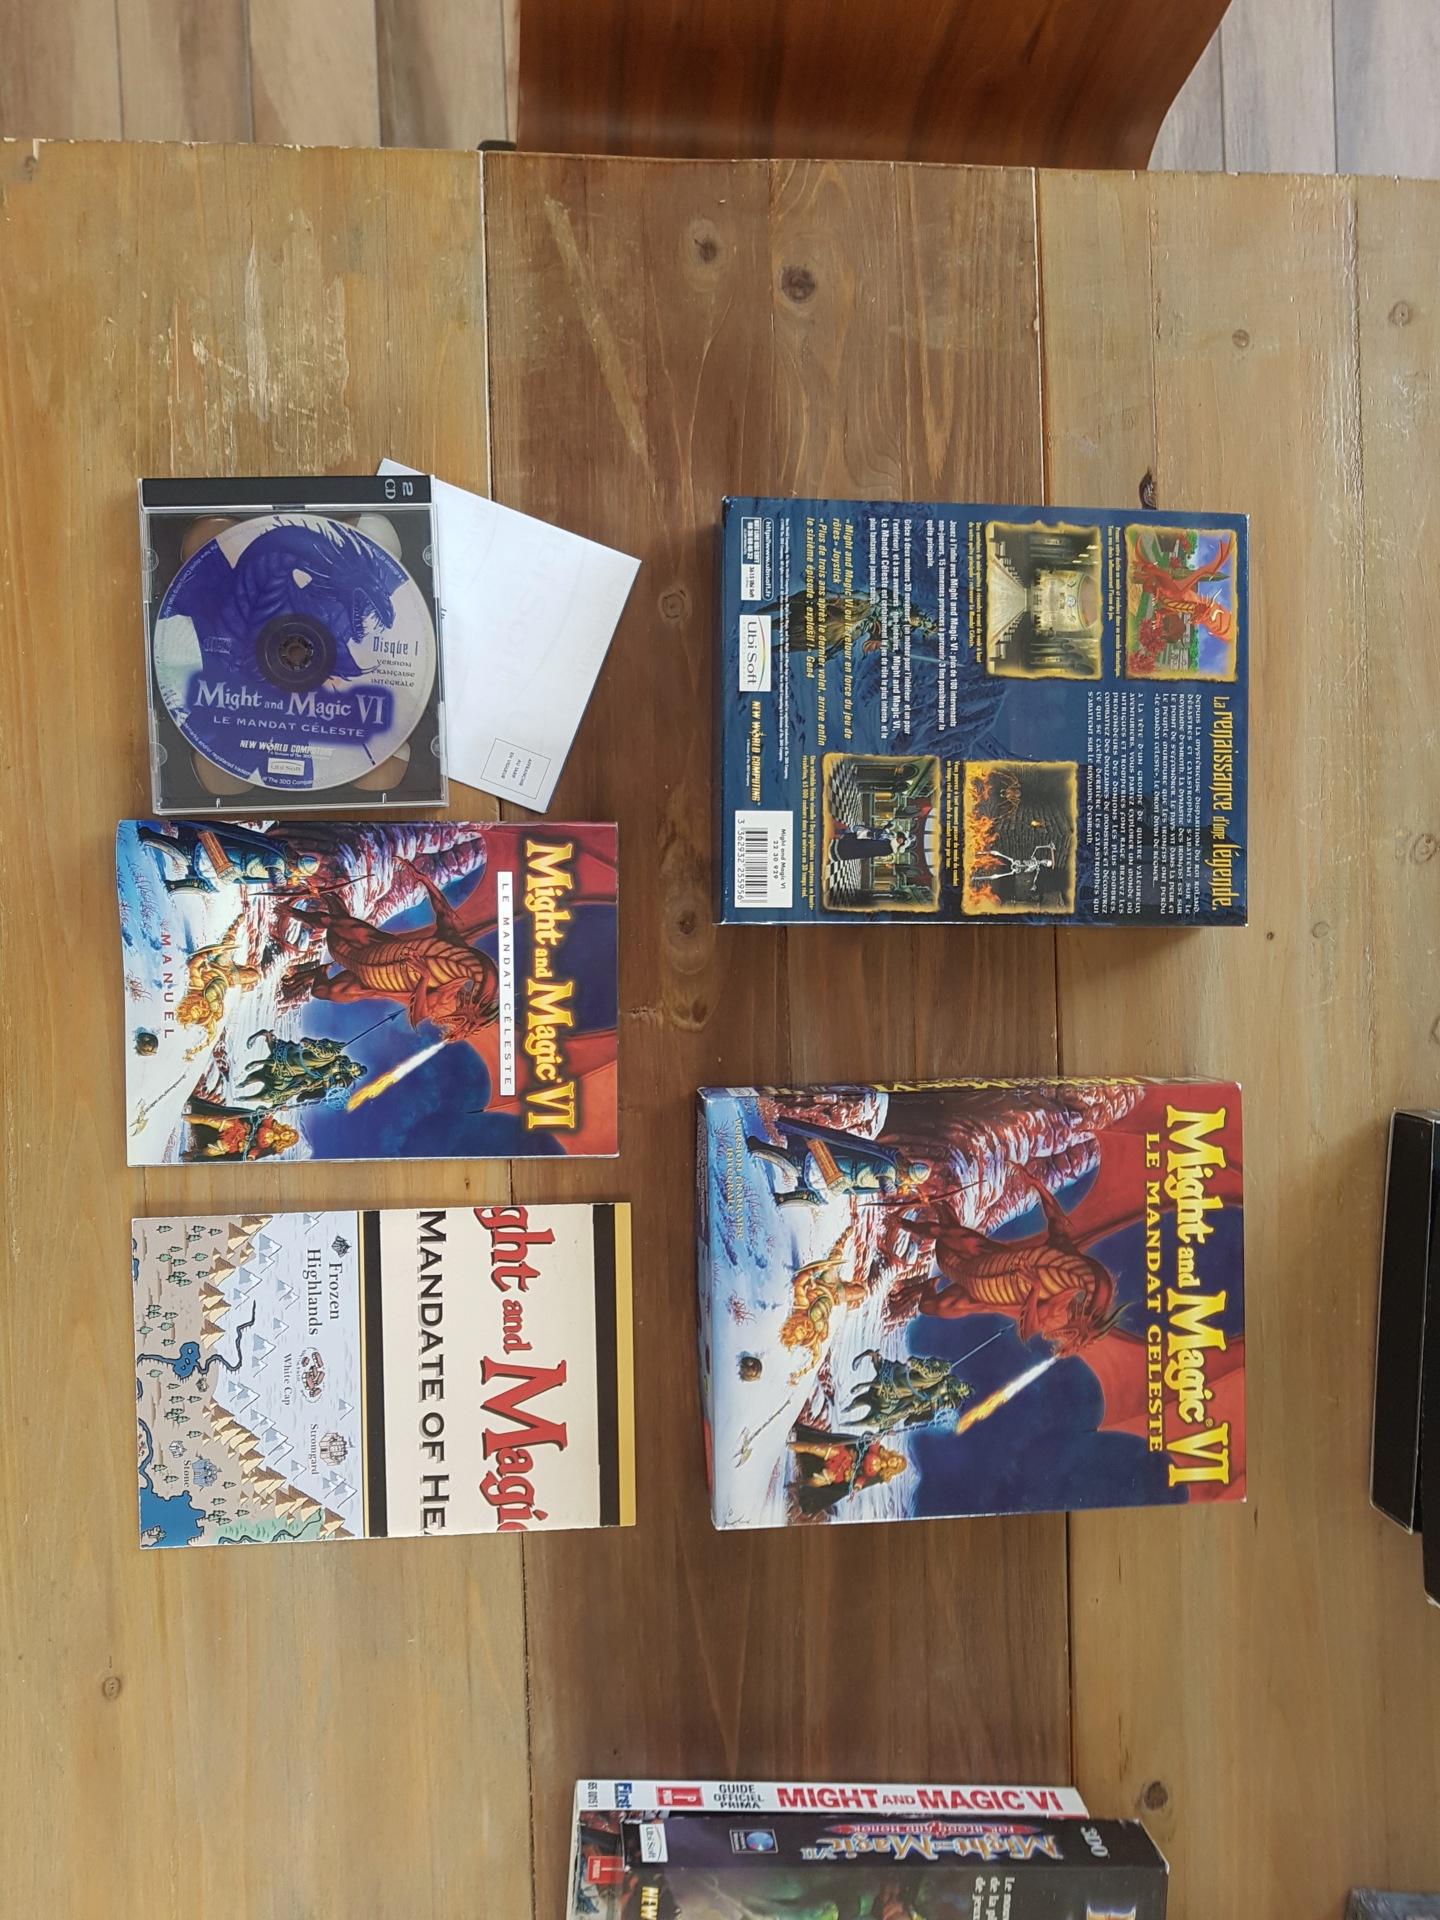 [vds] Jeux PC big box Might & Magic / Arcanum / Oddworld / Zork Nemesis / King's quest / Diablo II + extension etc...... 20200131